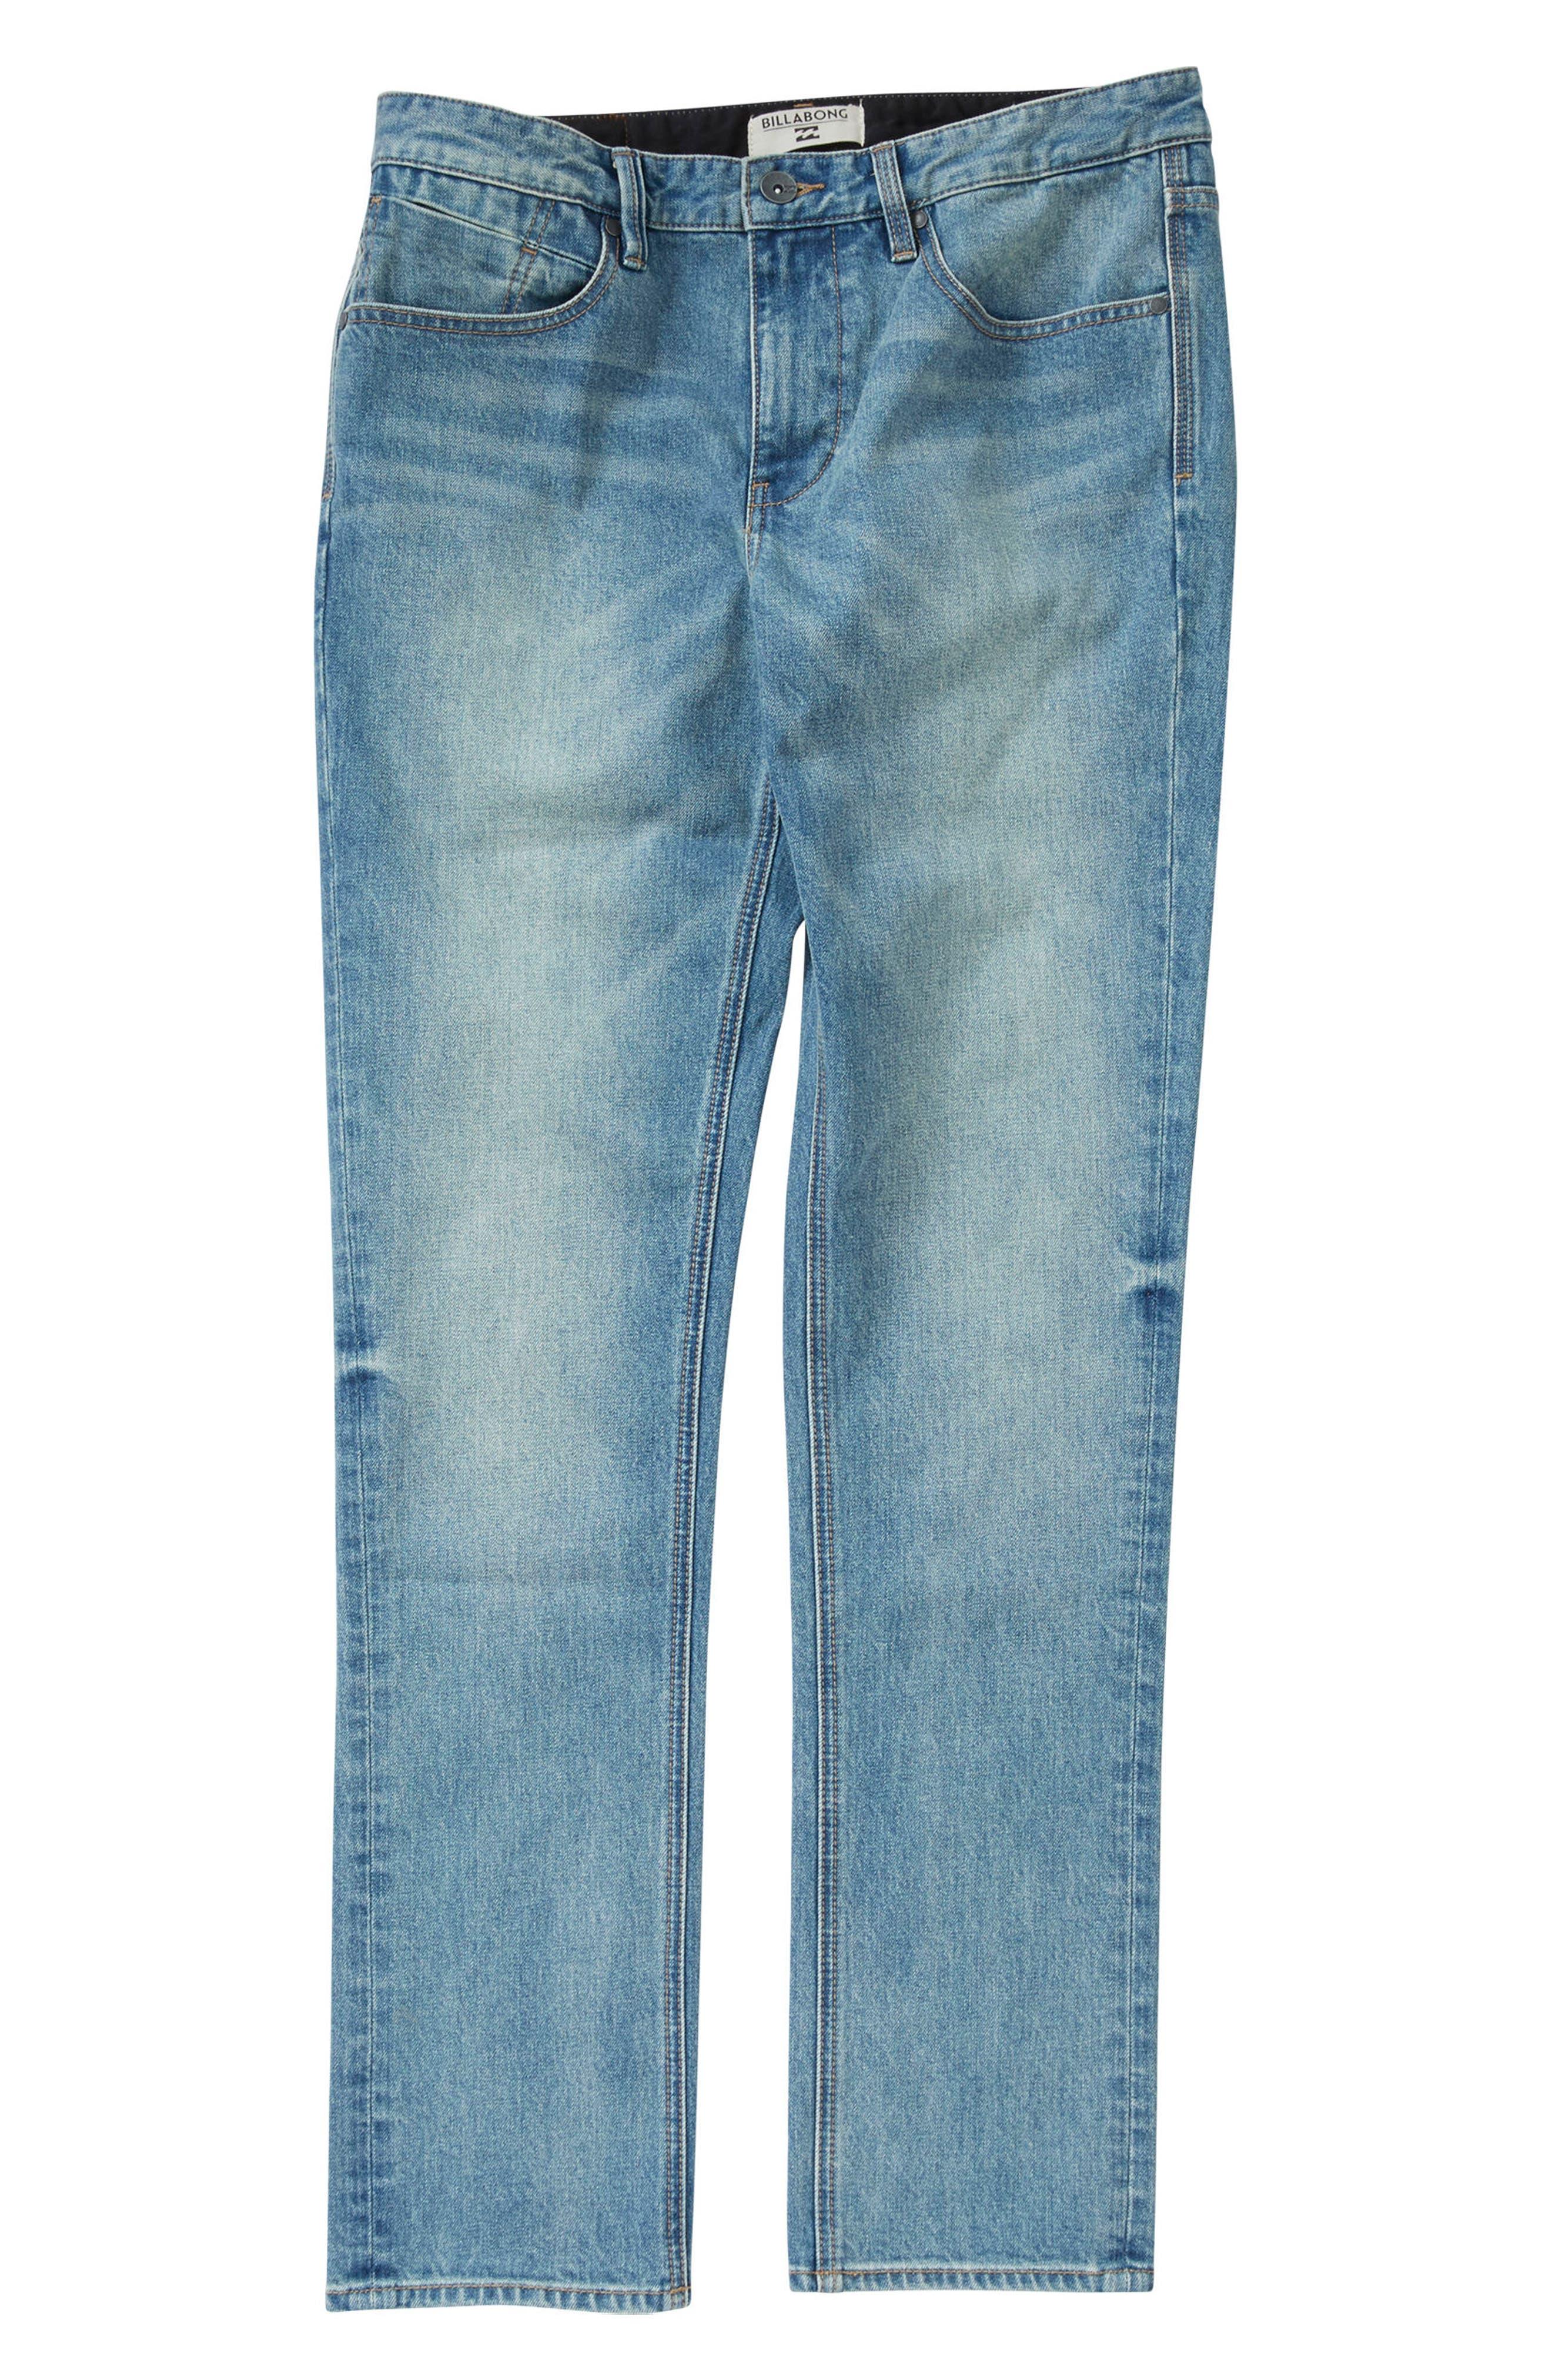 Main Image - Billabong Outsider Jeans (Big Boys)